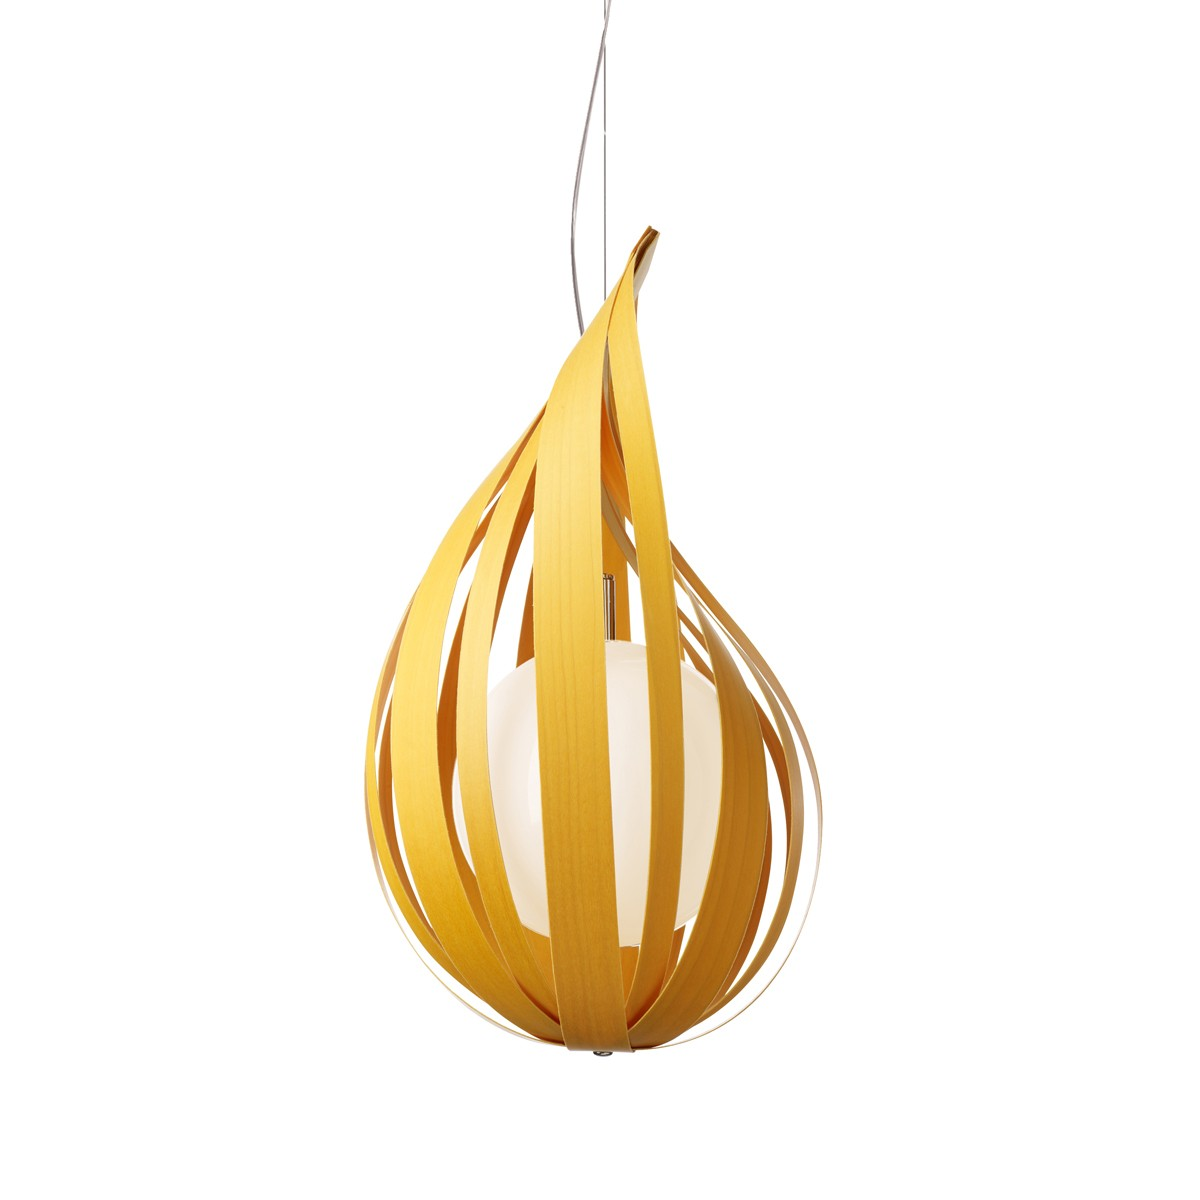 LZF Lamps Raindrop Medium Pendelleuchte, gelb